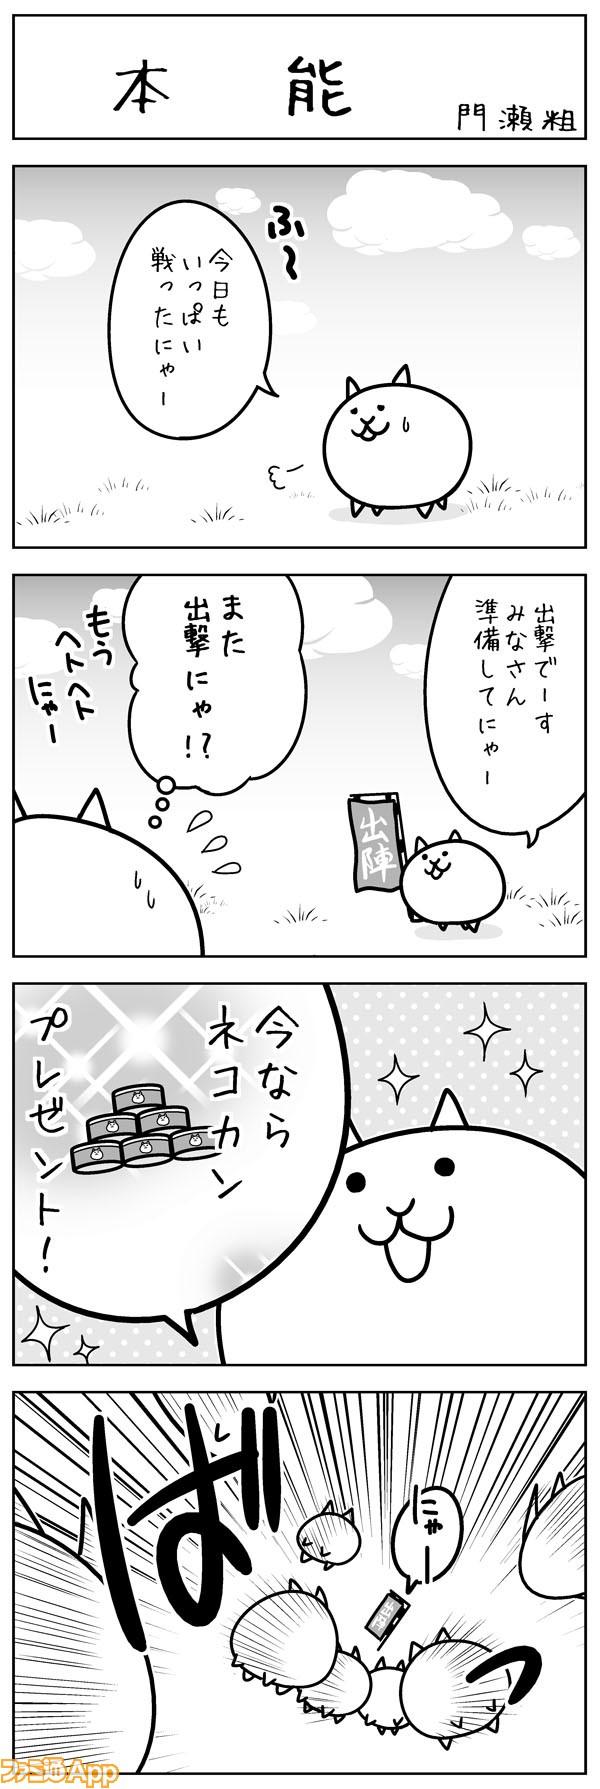 巨乳 ゲーム